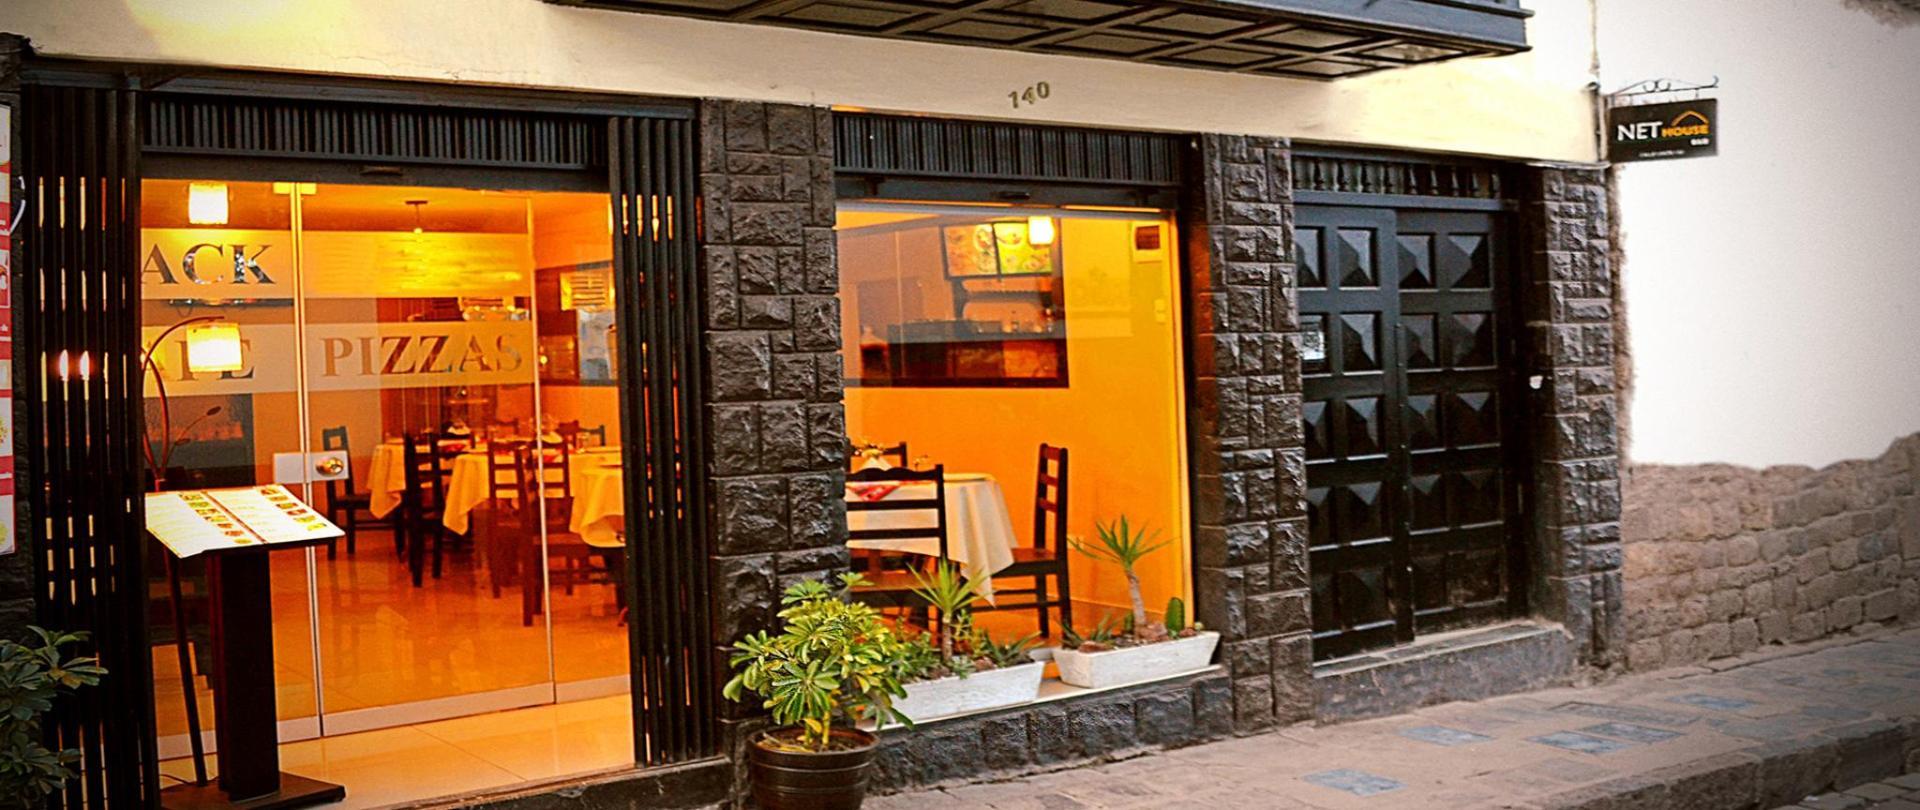 NEt house Frontis3.jpg